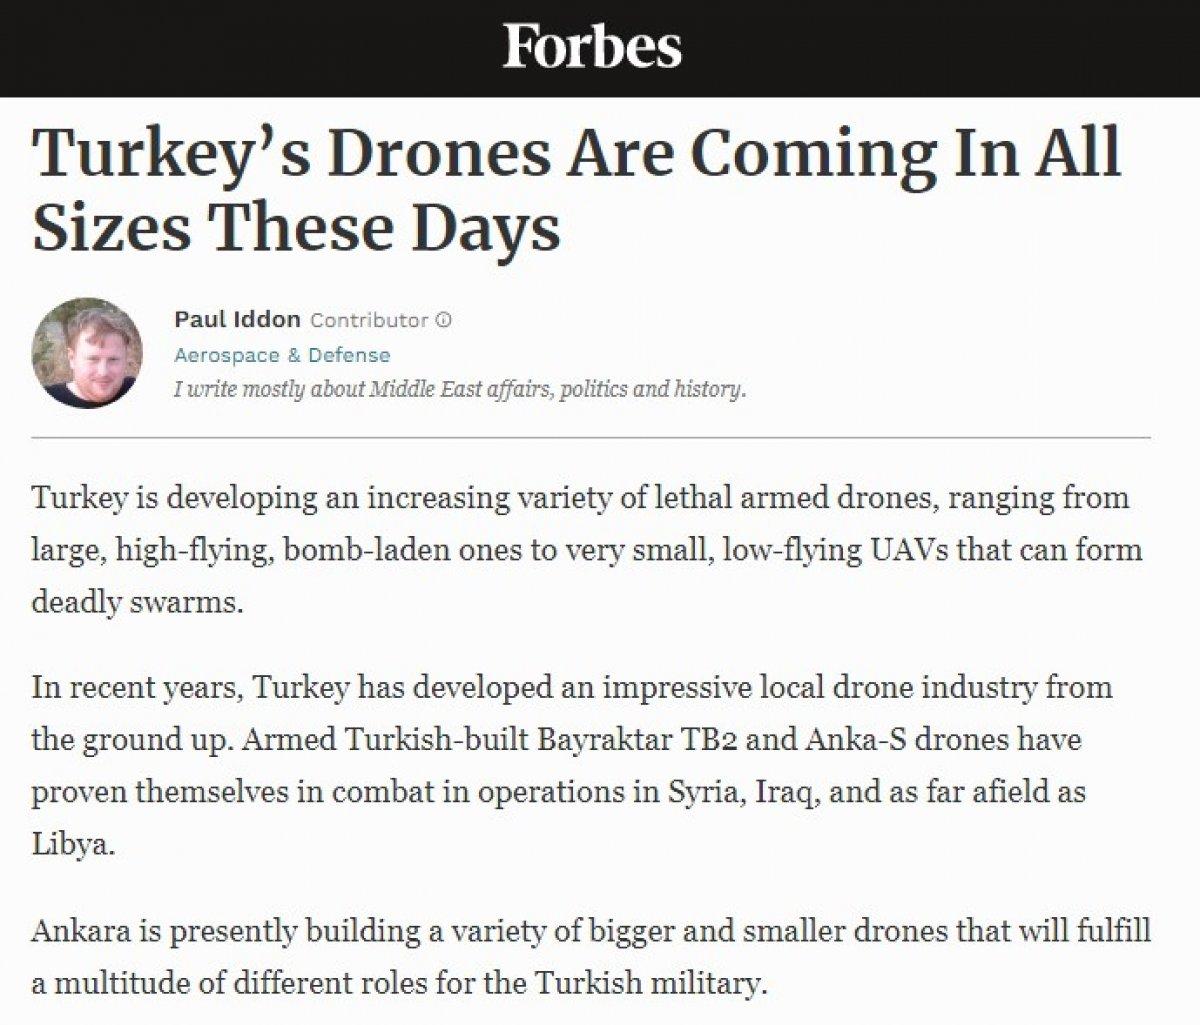 Türk drone larının başarısı Forbes'un gündeminde #1